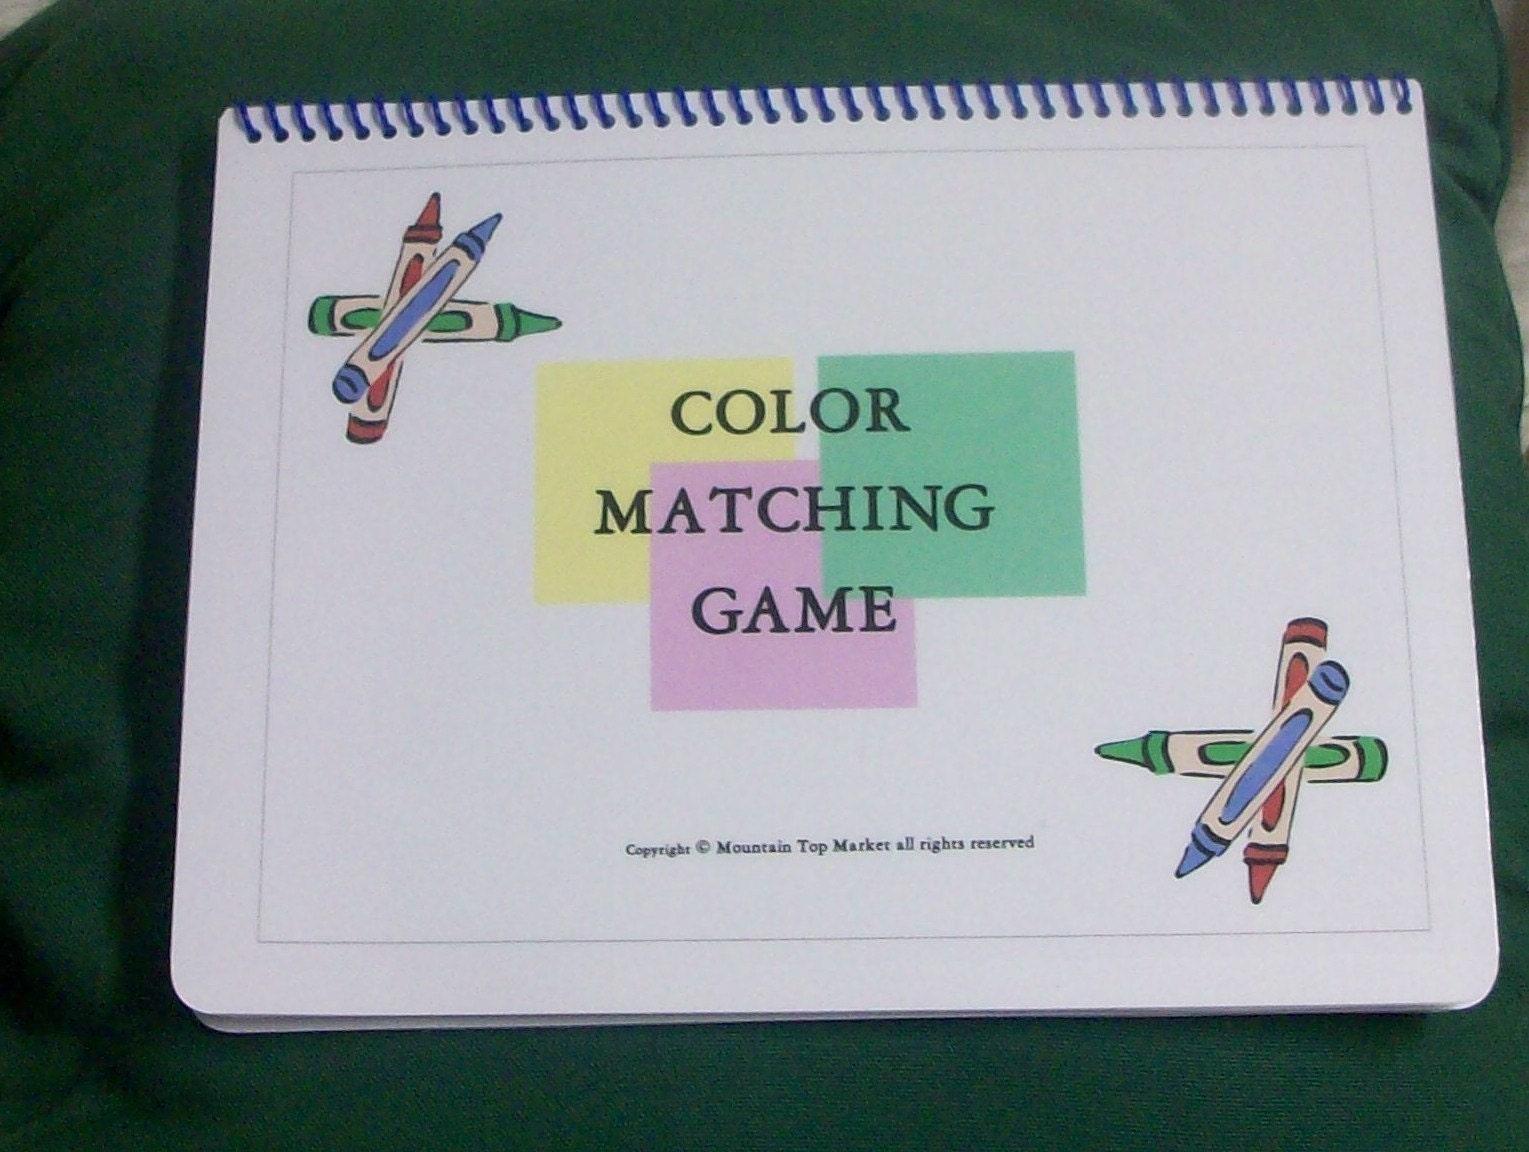 Autismo pecs colori file cartella gioco di corrispondenza for Tesi autismo e gioco